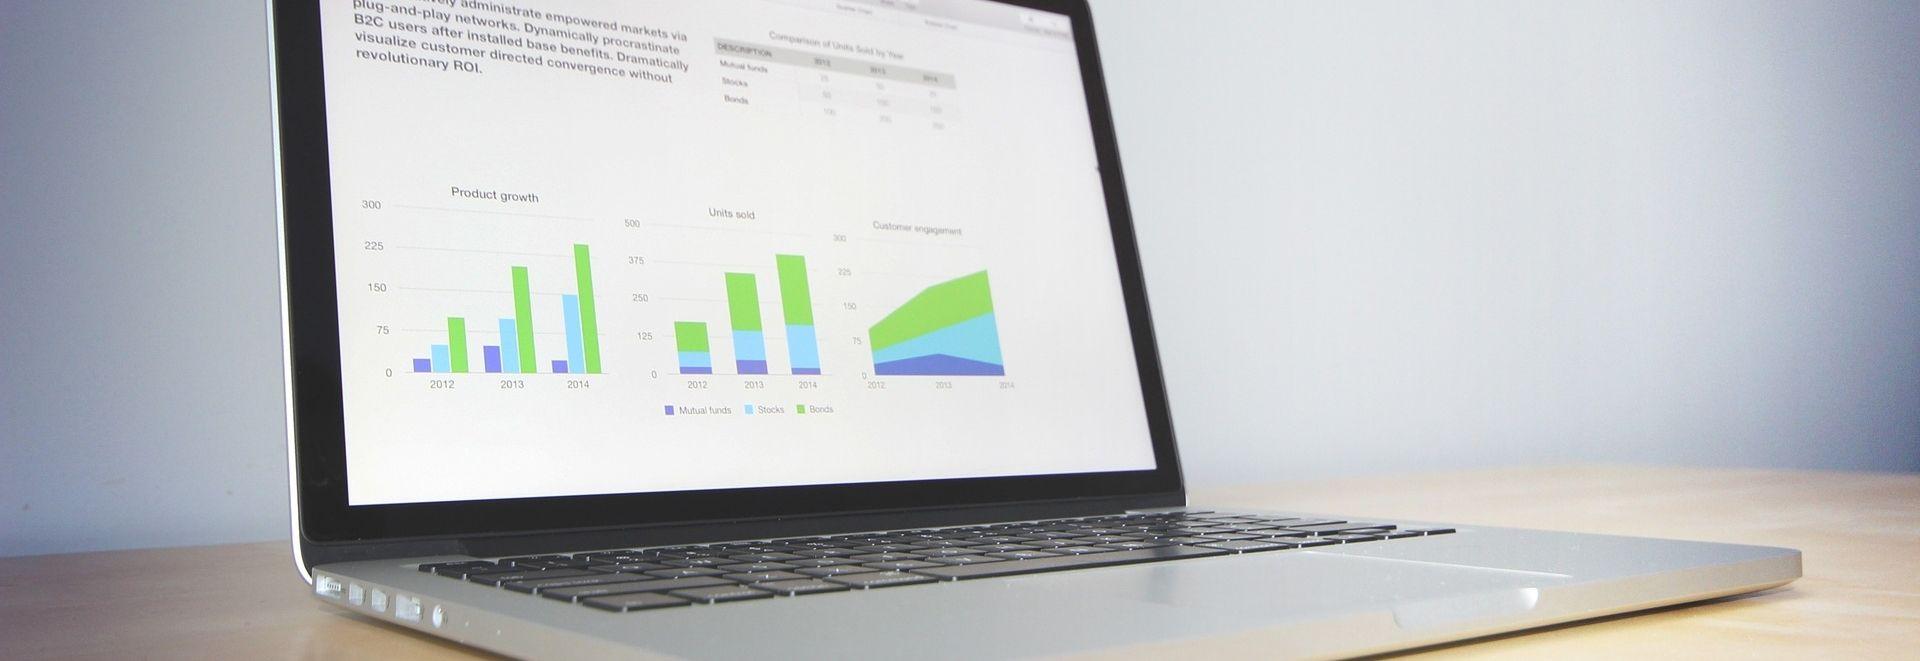 Beneficios-marketing-digital-medicion